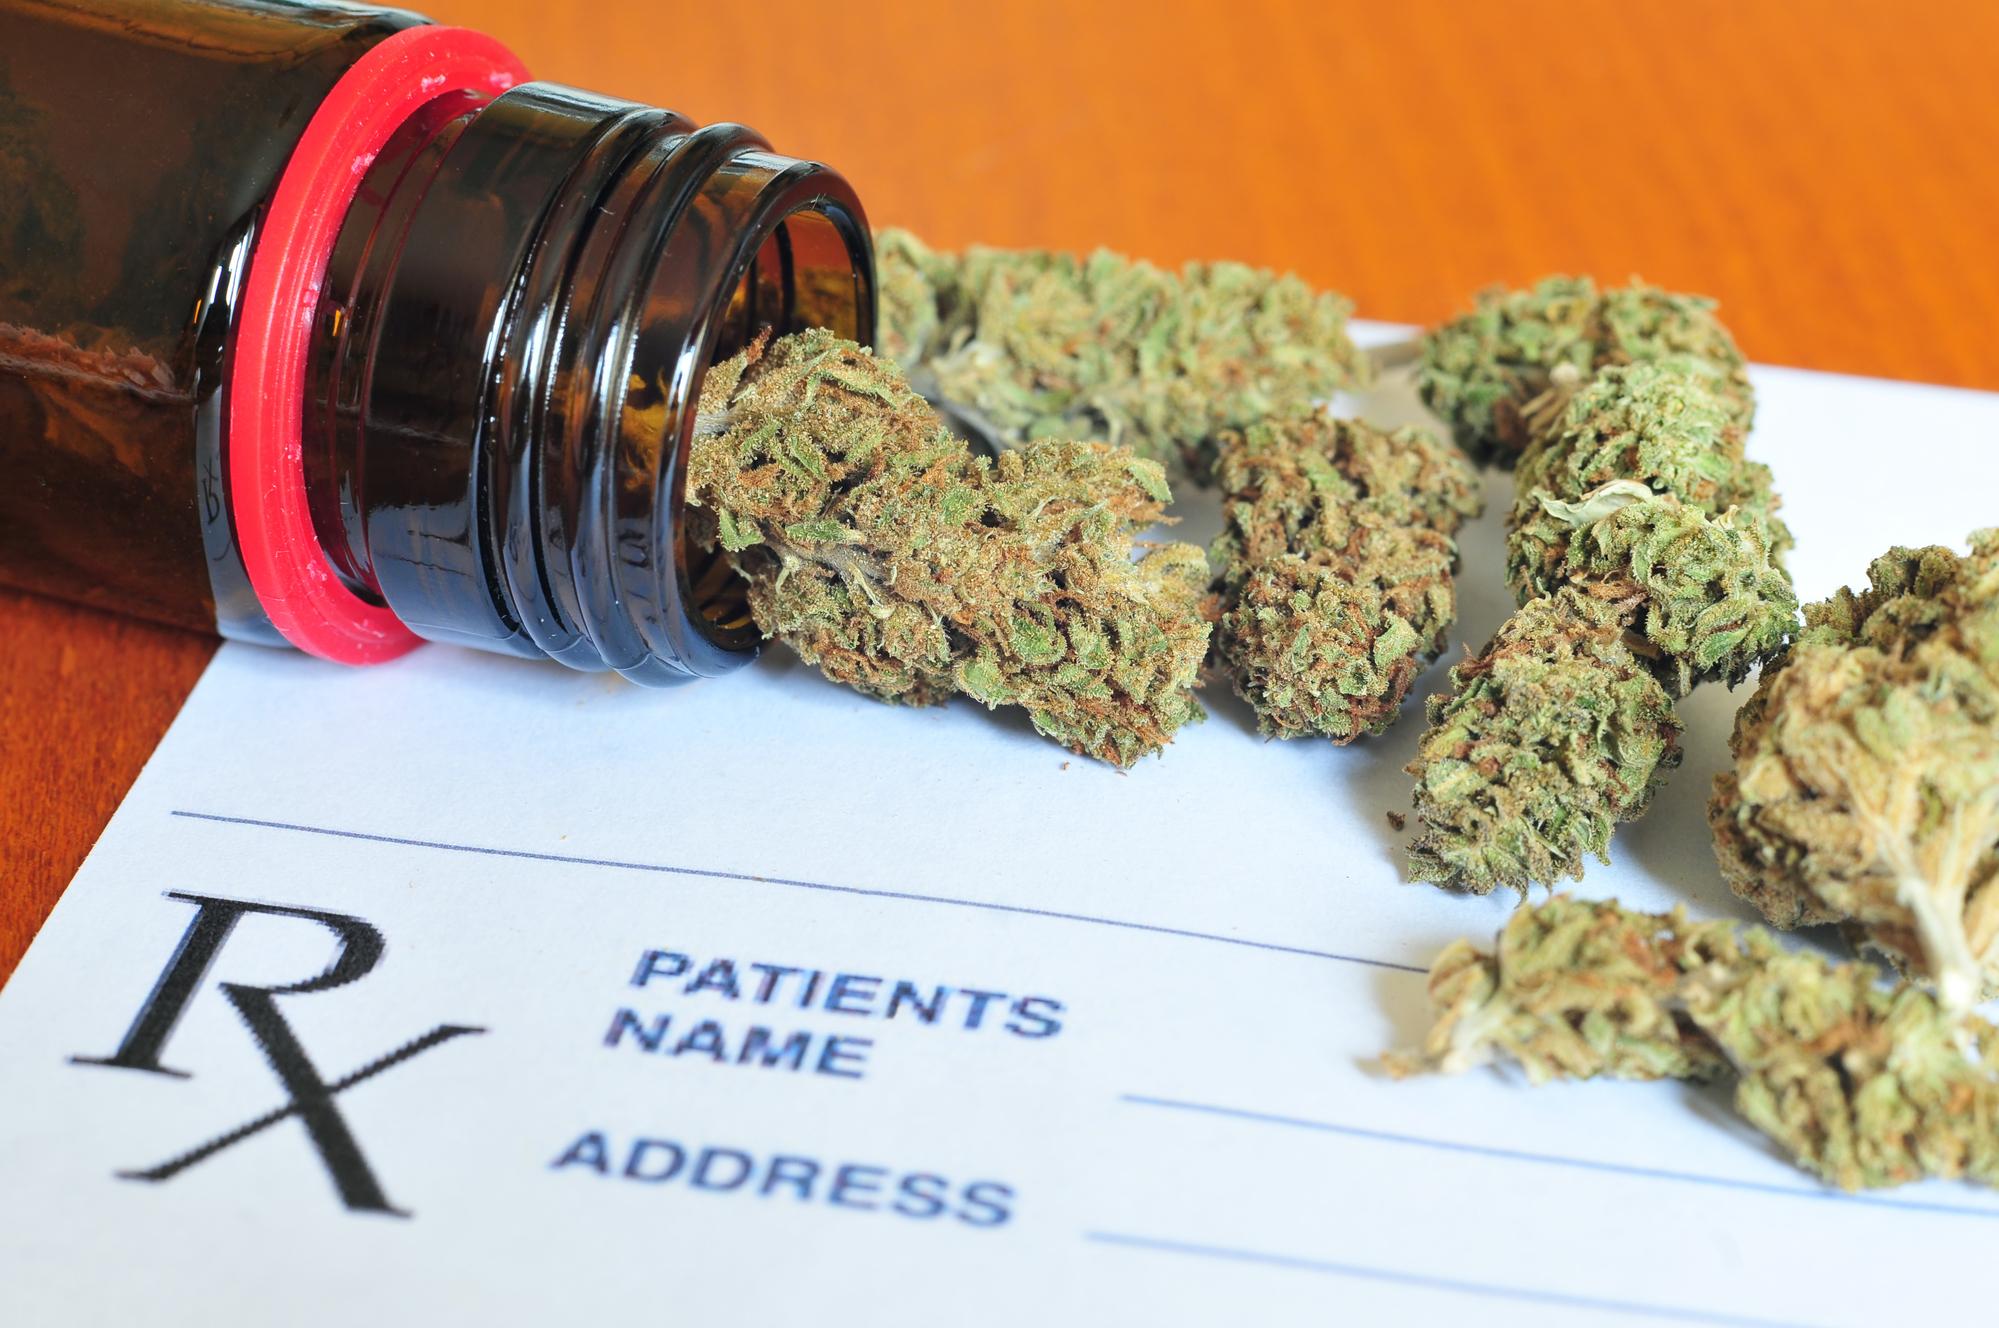 Сегодня медицинское применение марихуаны ипрепаратов наеё основе (в англоязычных источниках используется термин medical marijuana, «медицинская марихуана») официально разрешено вБельгии, Германии, Испании, Израиле, Финляндии иПортугалии, некоторых штатах Австралии иСША, Великобритании, Нидерландах, Канаде иЧехии.